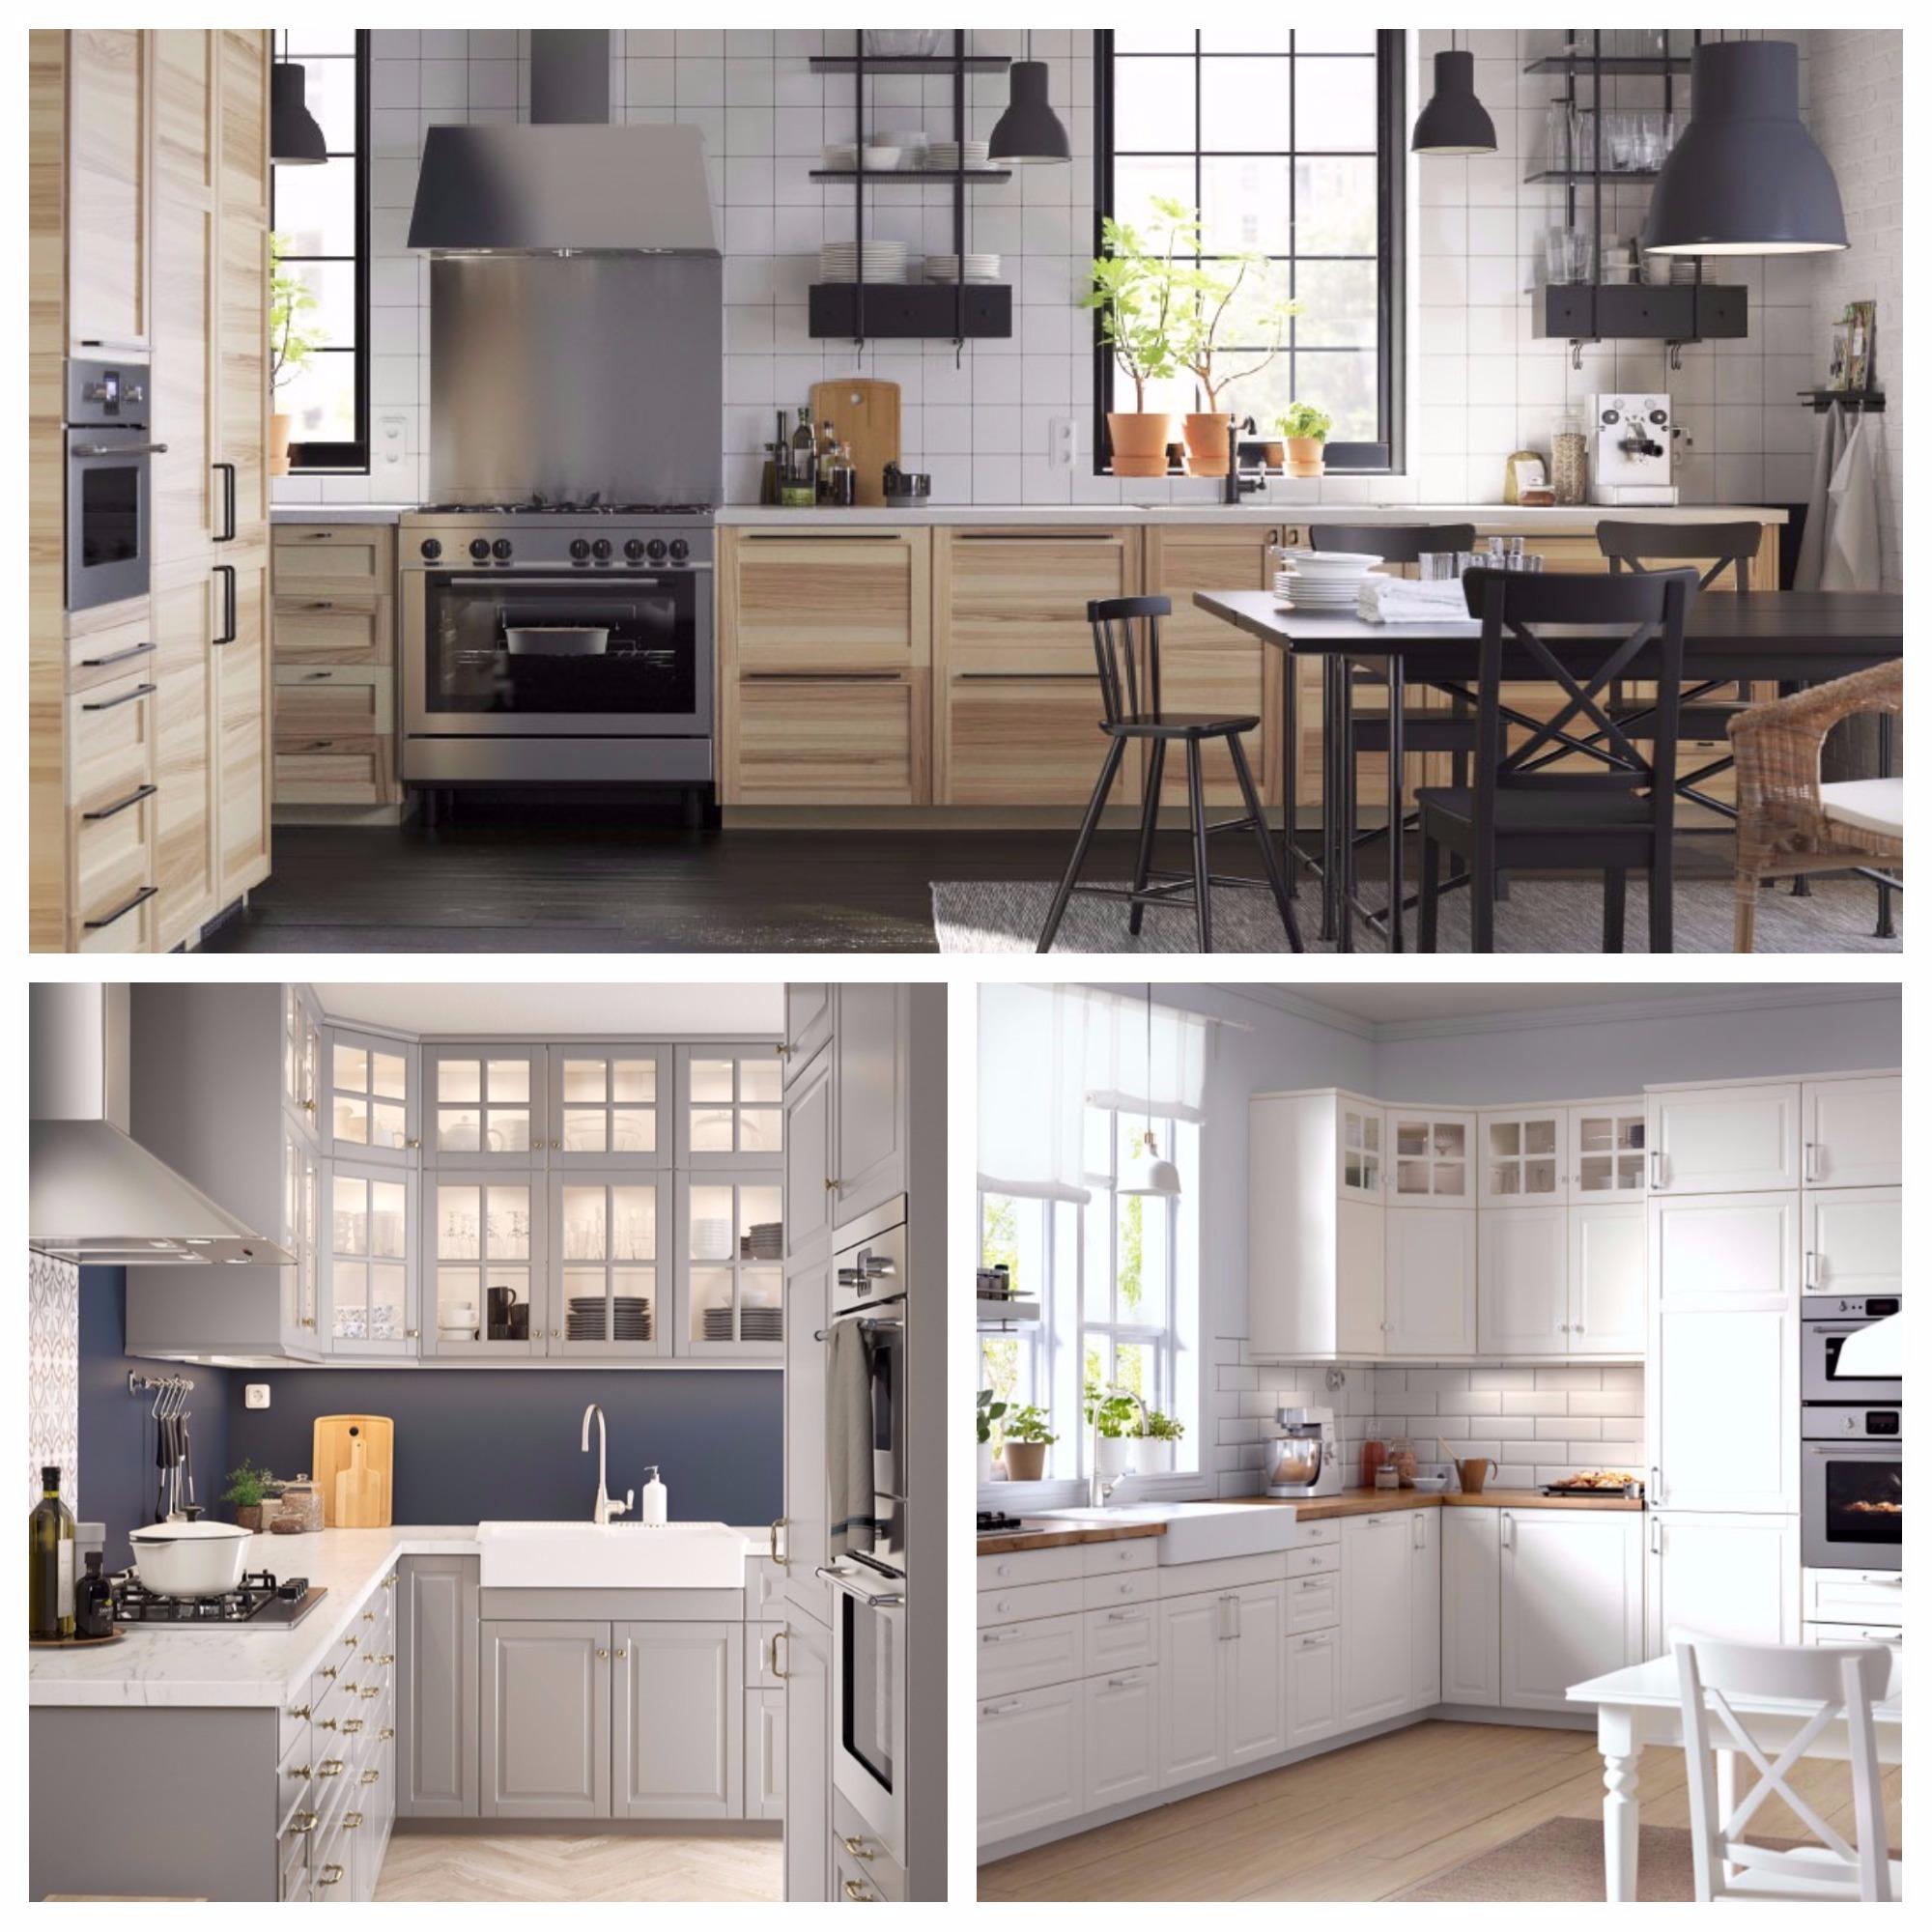 Claves e inspiraciones para diseñar mi nueva cocina IKEA - El Rincón ...